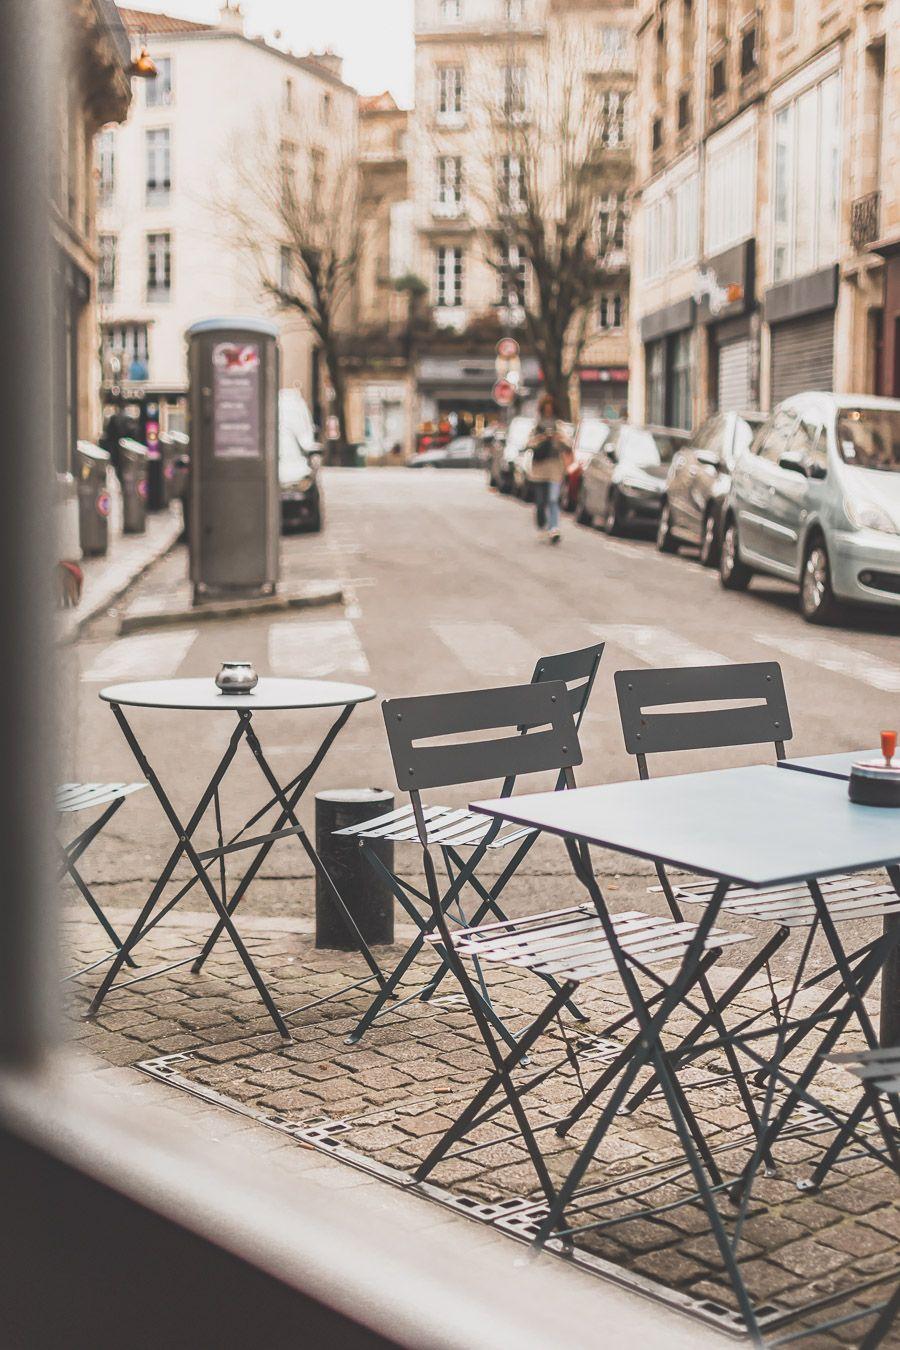 brunch à Bordeaux dans le quartier St-Michel - restaurant l'Etoile